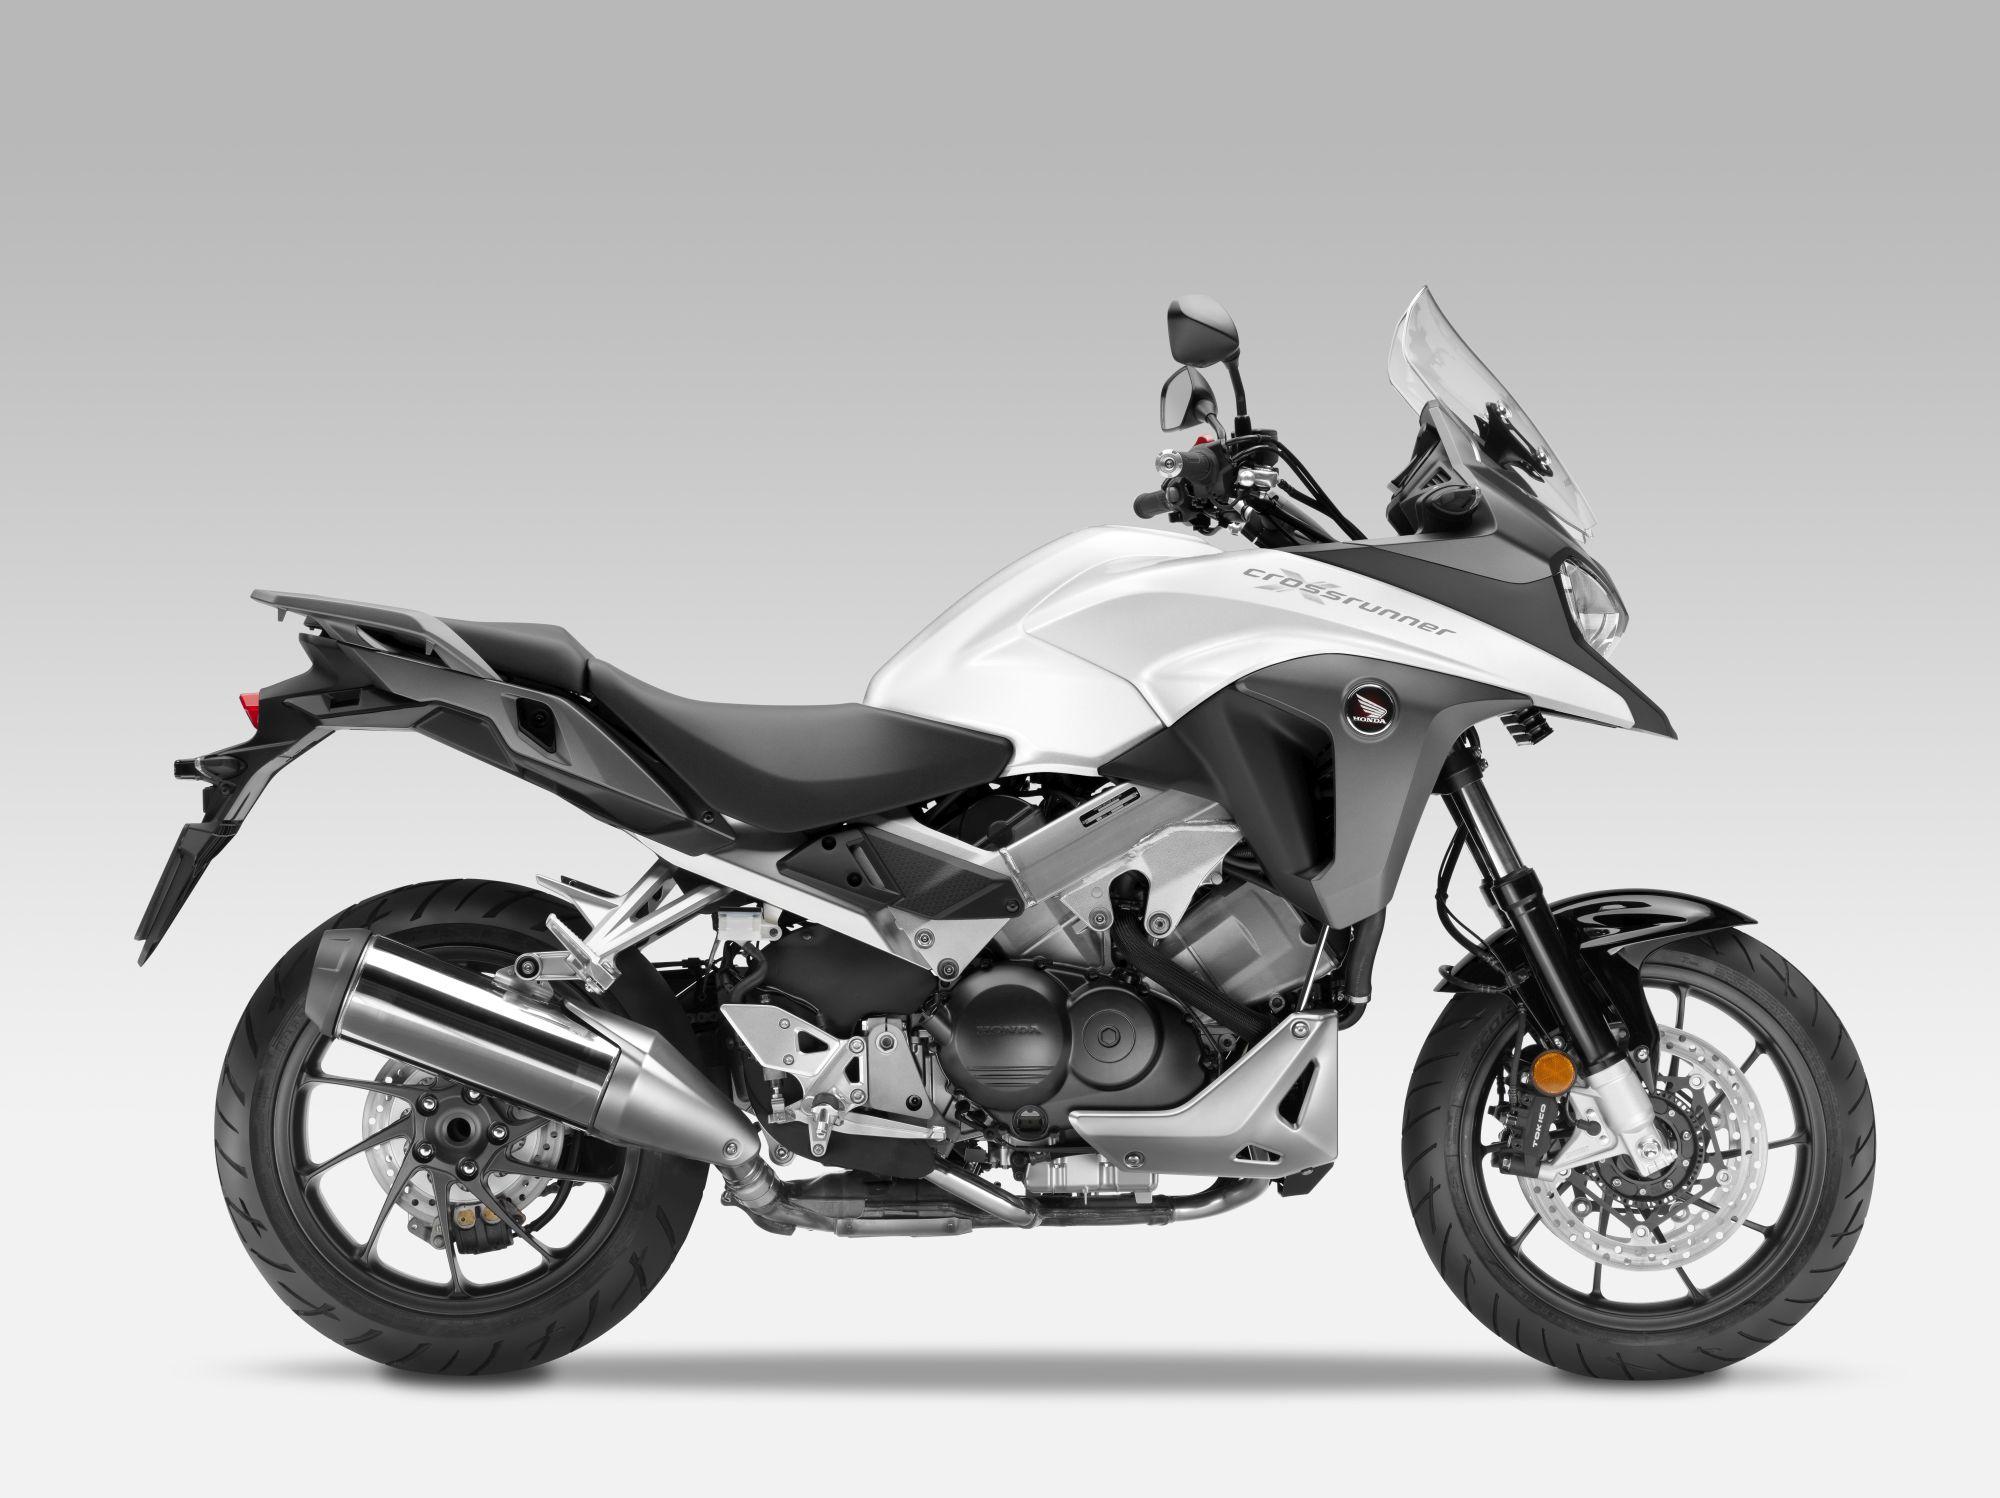 Honda Vfr800x Crossrunner Technische Daten Aktuelle